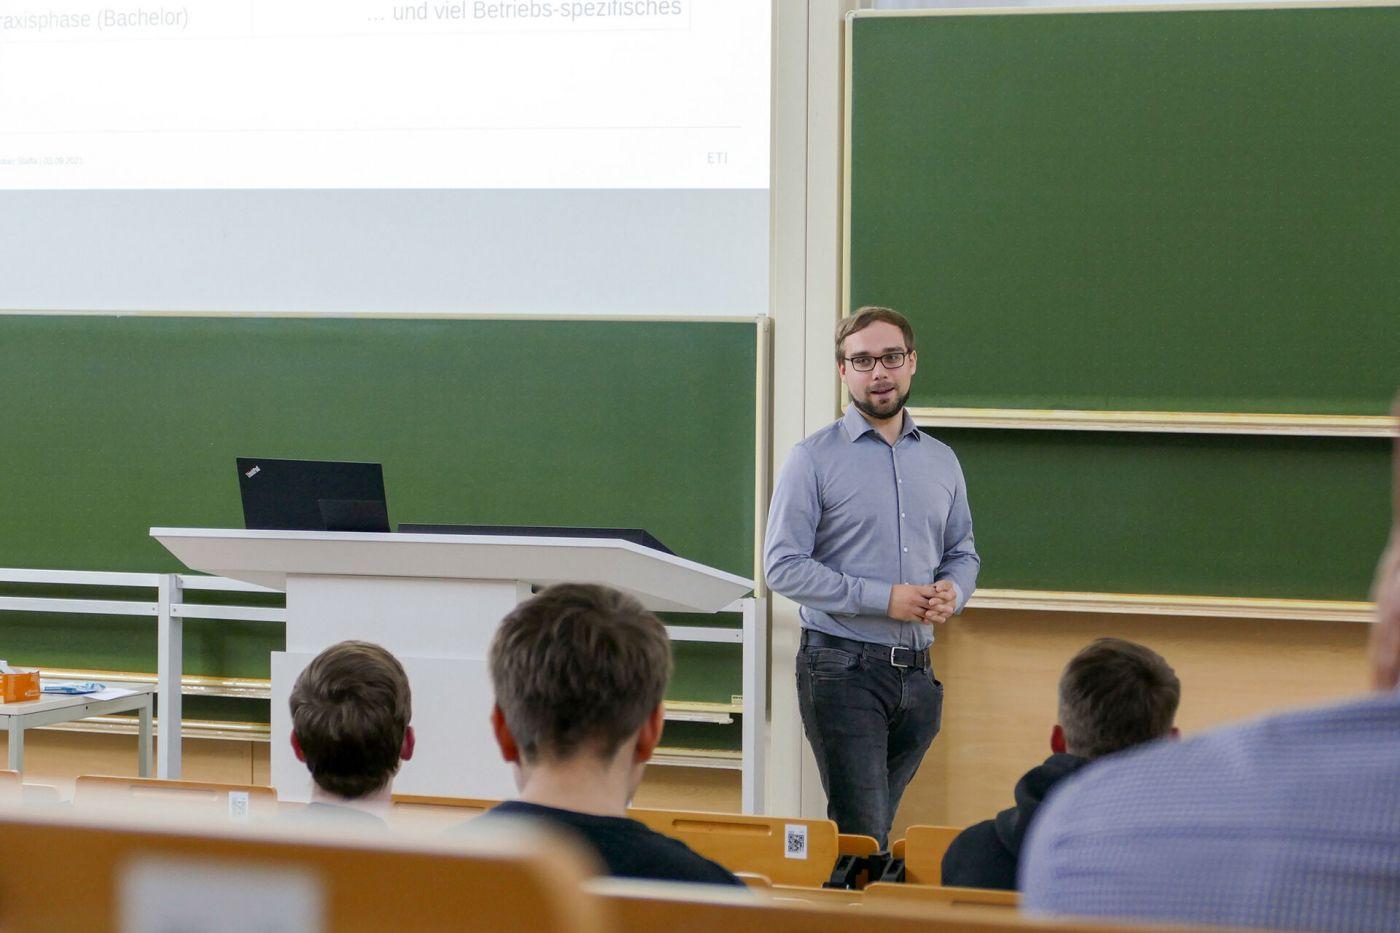 Informatikstudent Sebastian Staffa steht im Hörsaal und berichtete neuen dual Studierenden von seinen Erfahrungen im Studium.  (Foto: FH Münster/Jana Schiller )